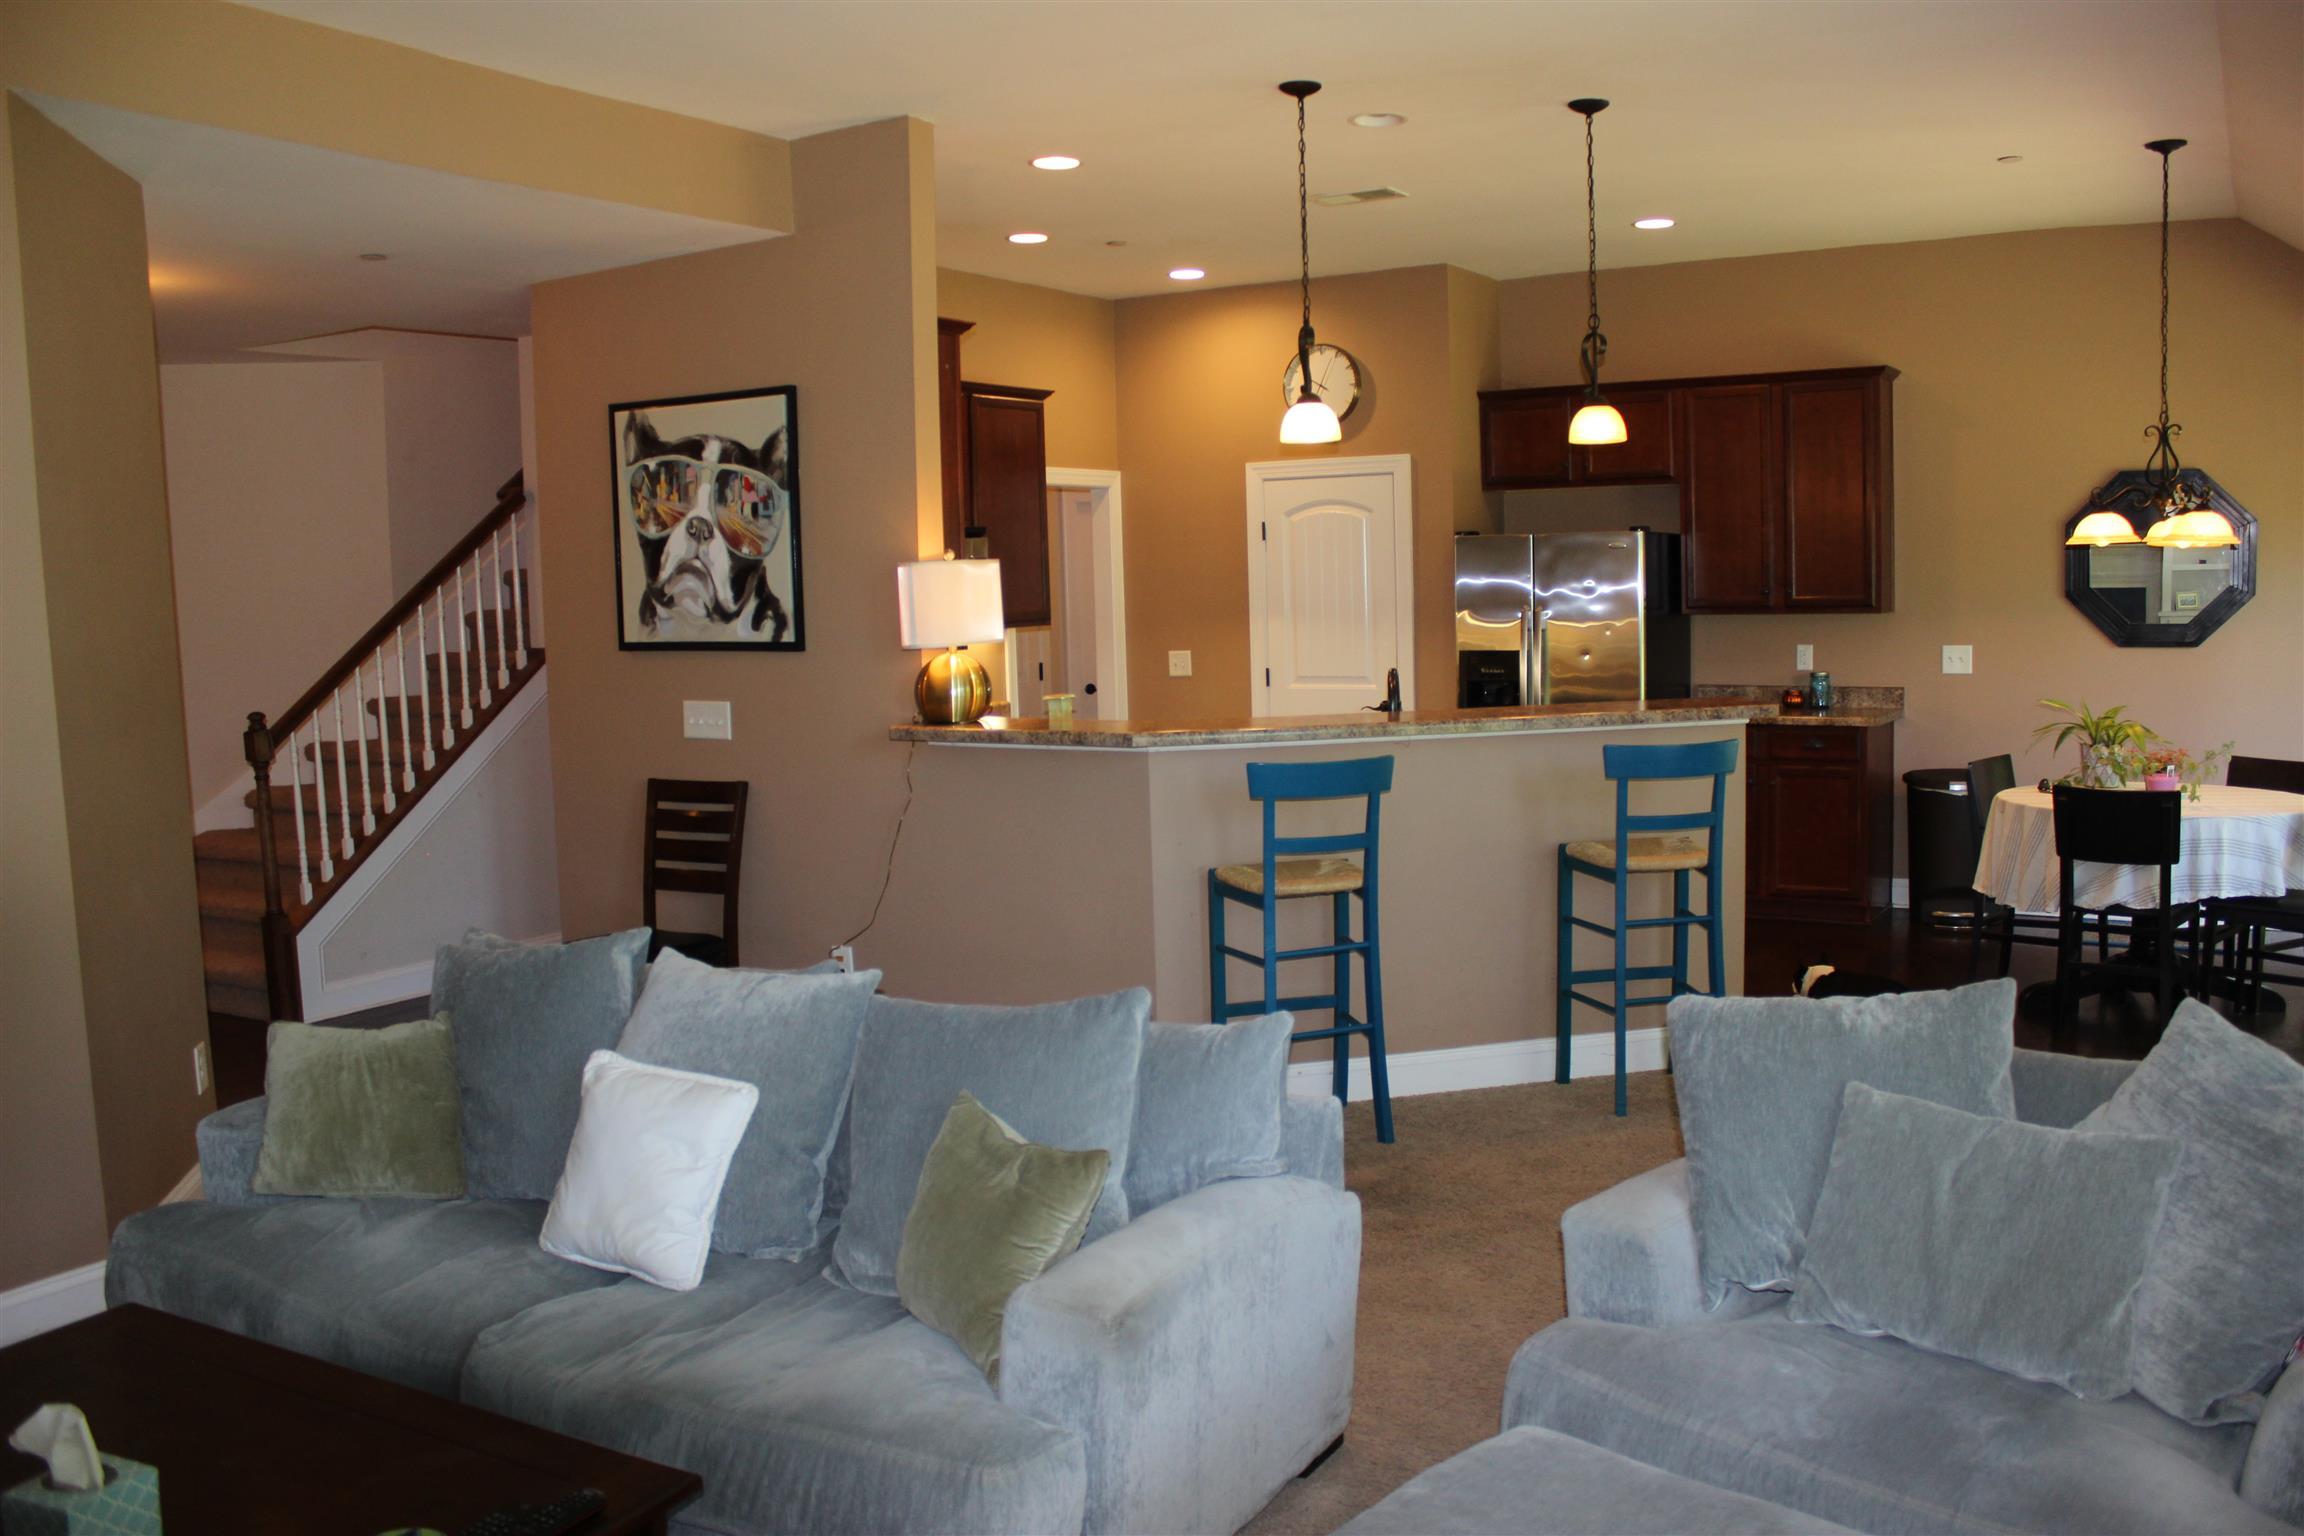 6029 Christmas Drive, Nolensville, TN 37135 - Nolensville, TN real estate listing